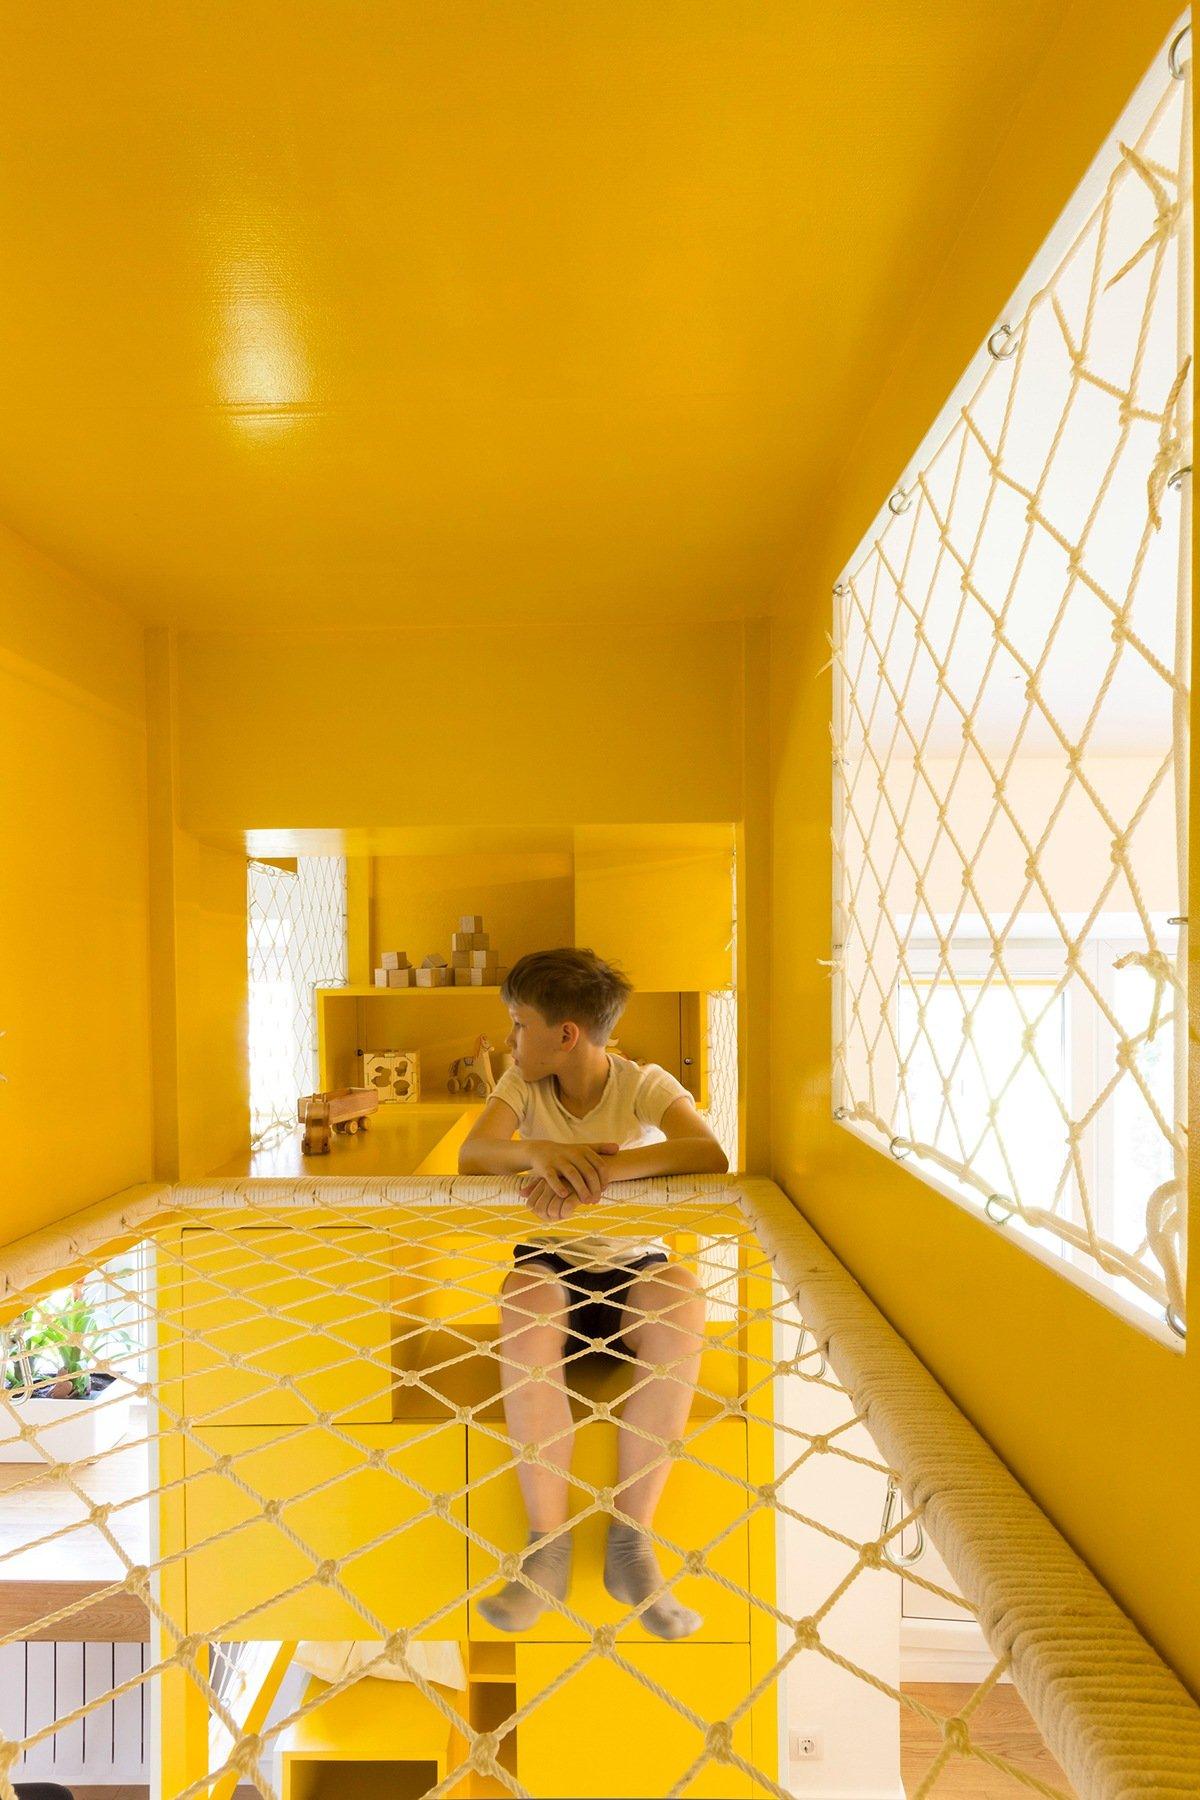 thiết kế nội thất độc đáo, thông minh và đa năng cho không gian nhà nhỏ